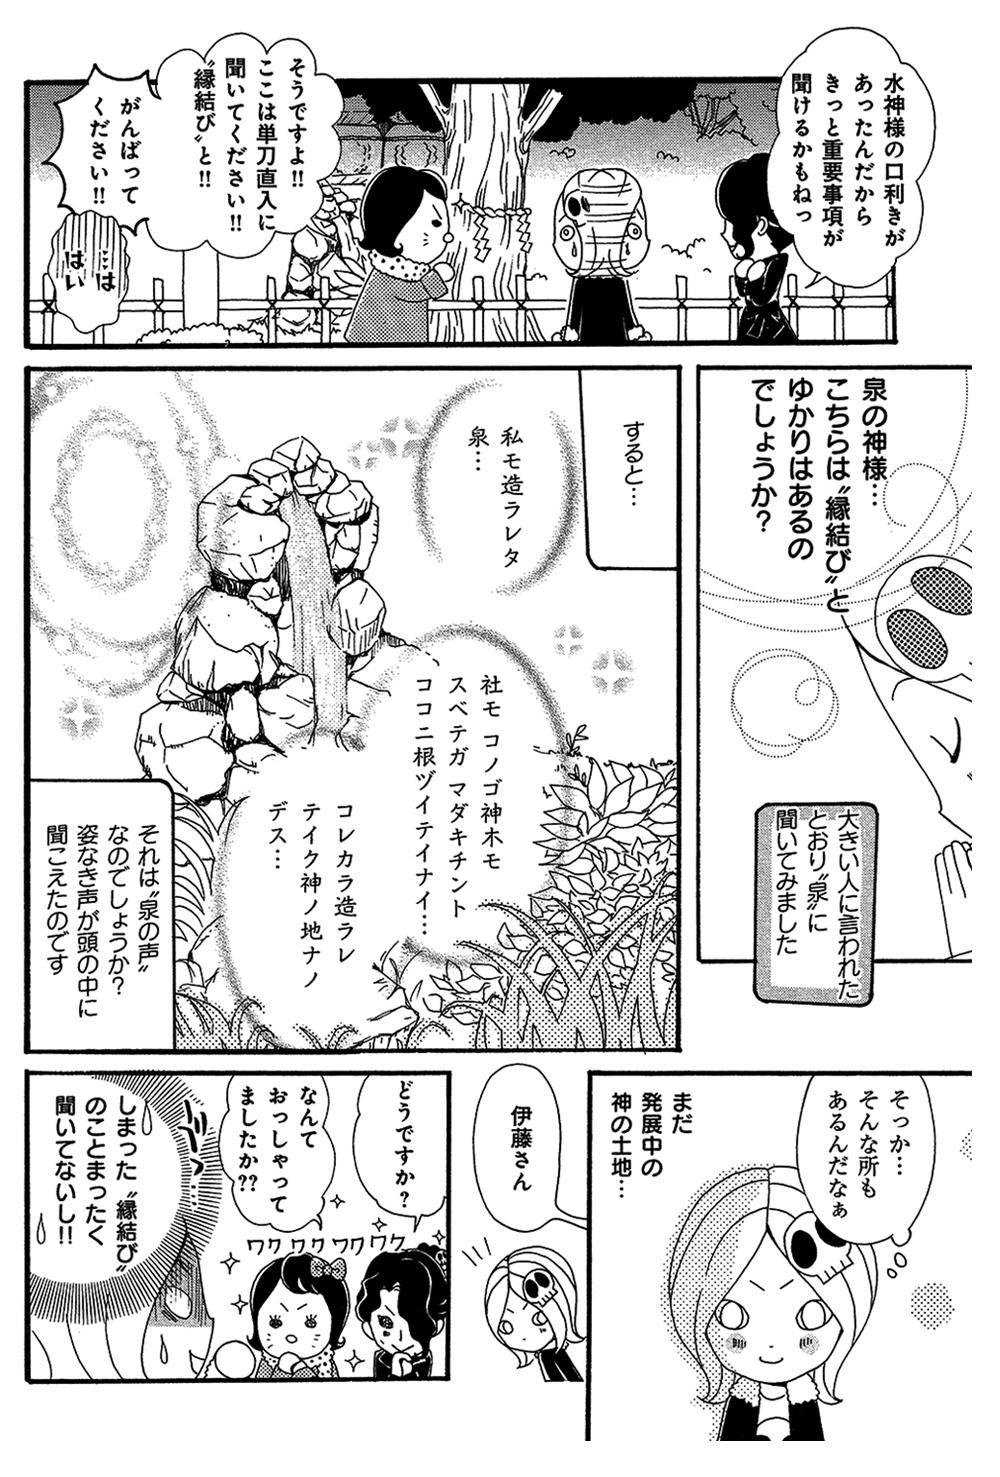 スピ☆散歩 第1話「東京大神宮」②spi0024.jpg